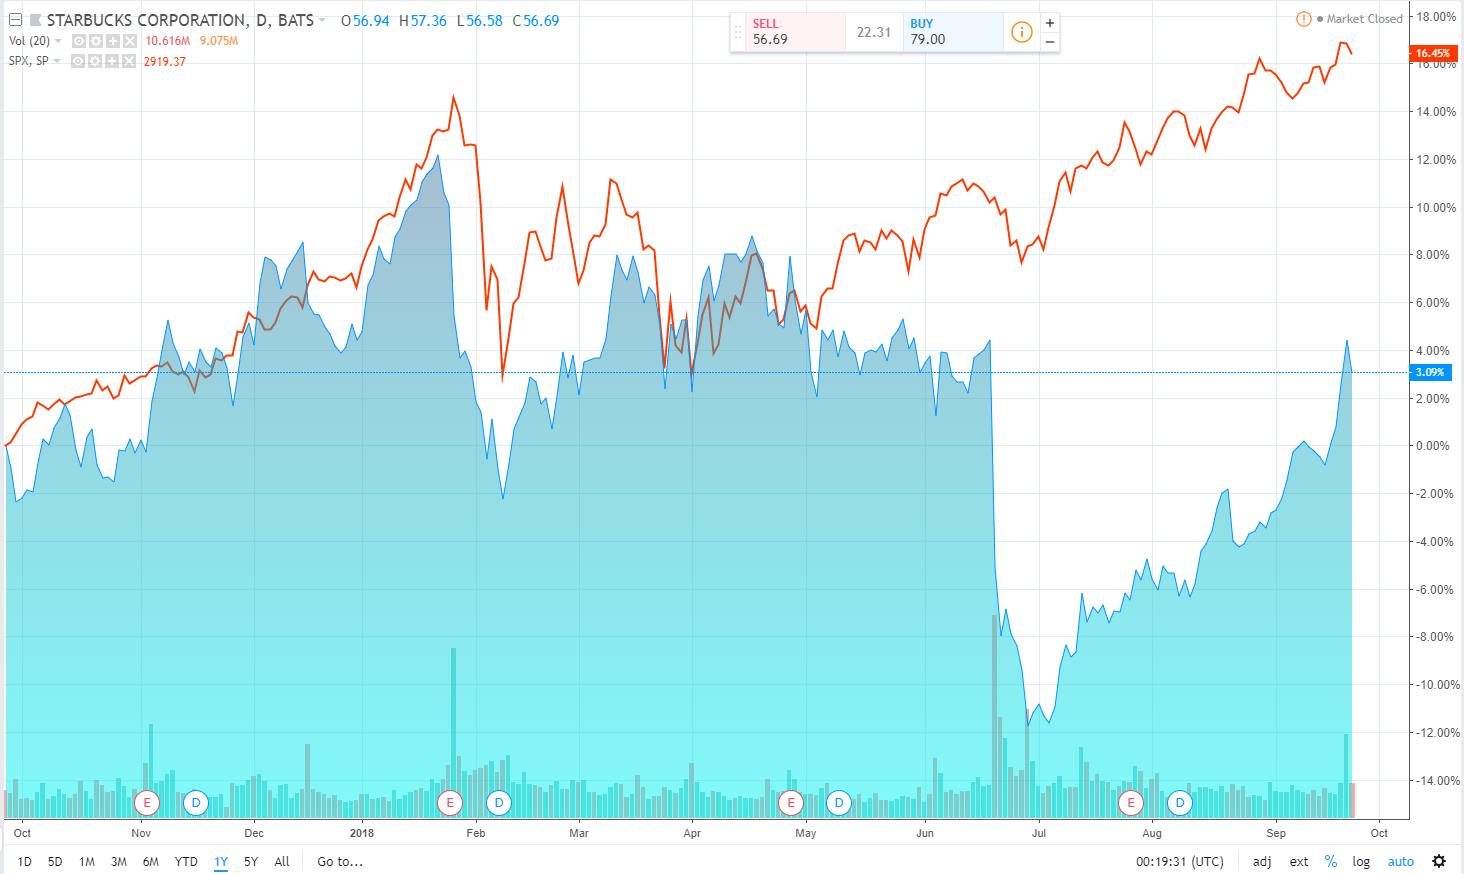 业绩和股价停滞不前,星巴克将宣布重大重组和裁员方案